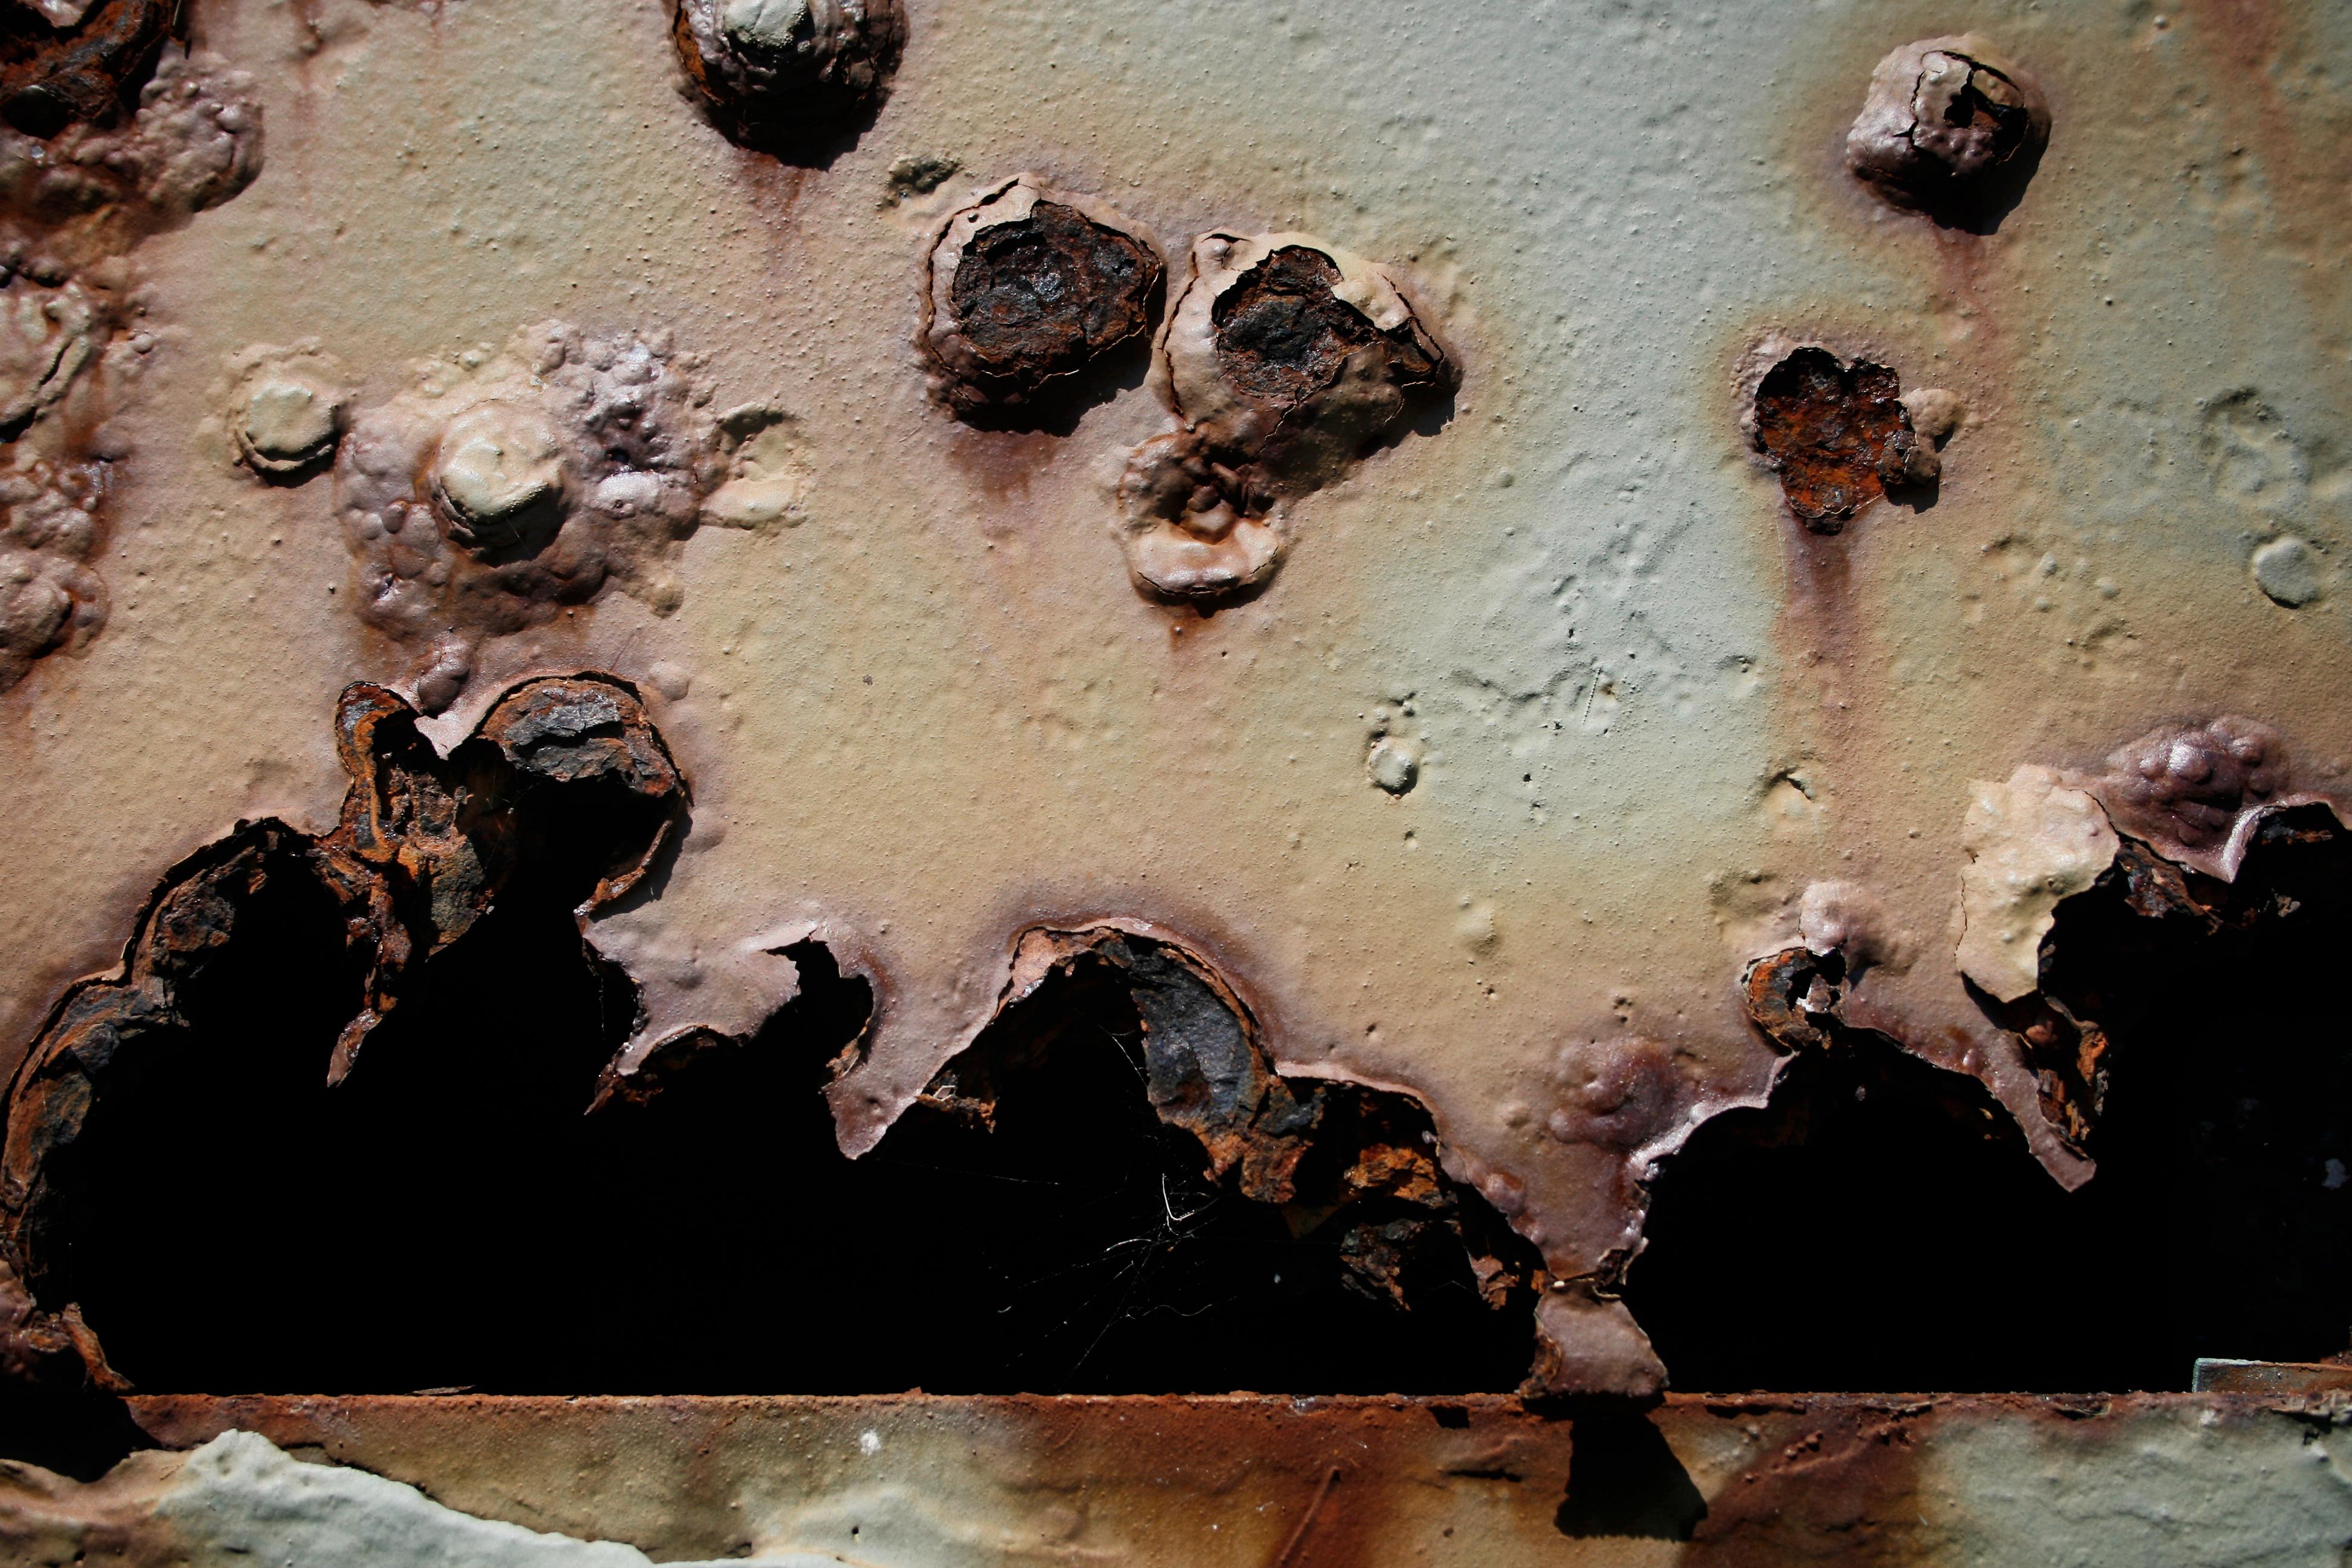 Bullet holes in metal photo